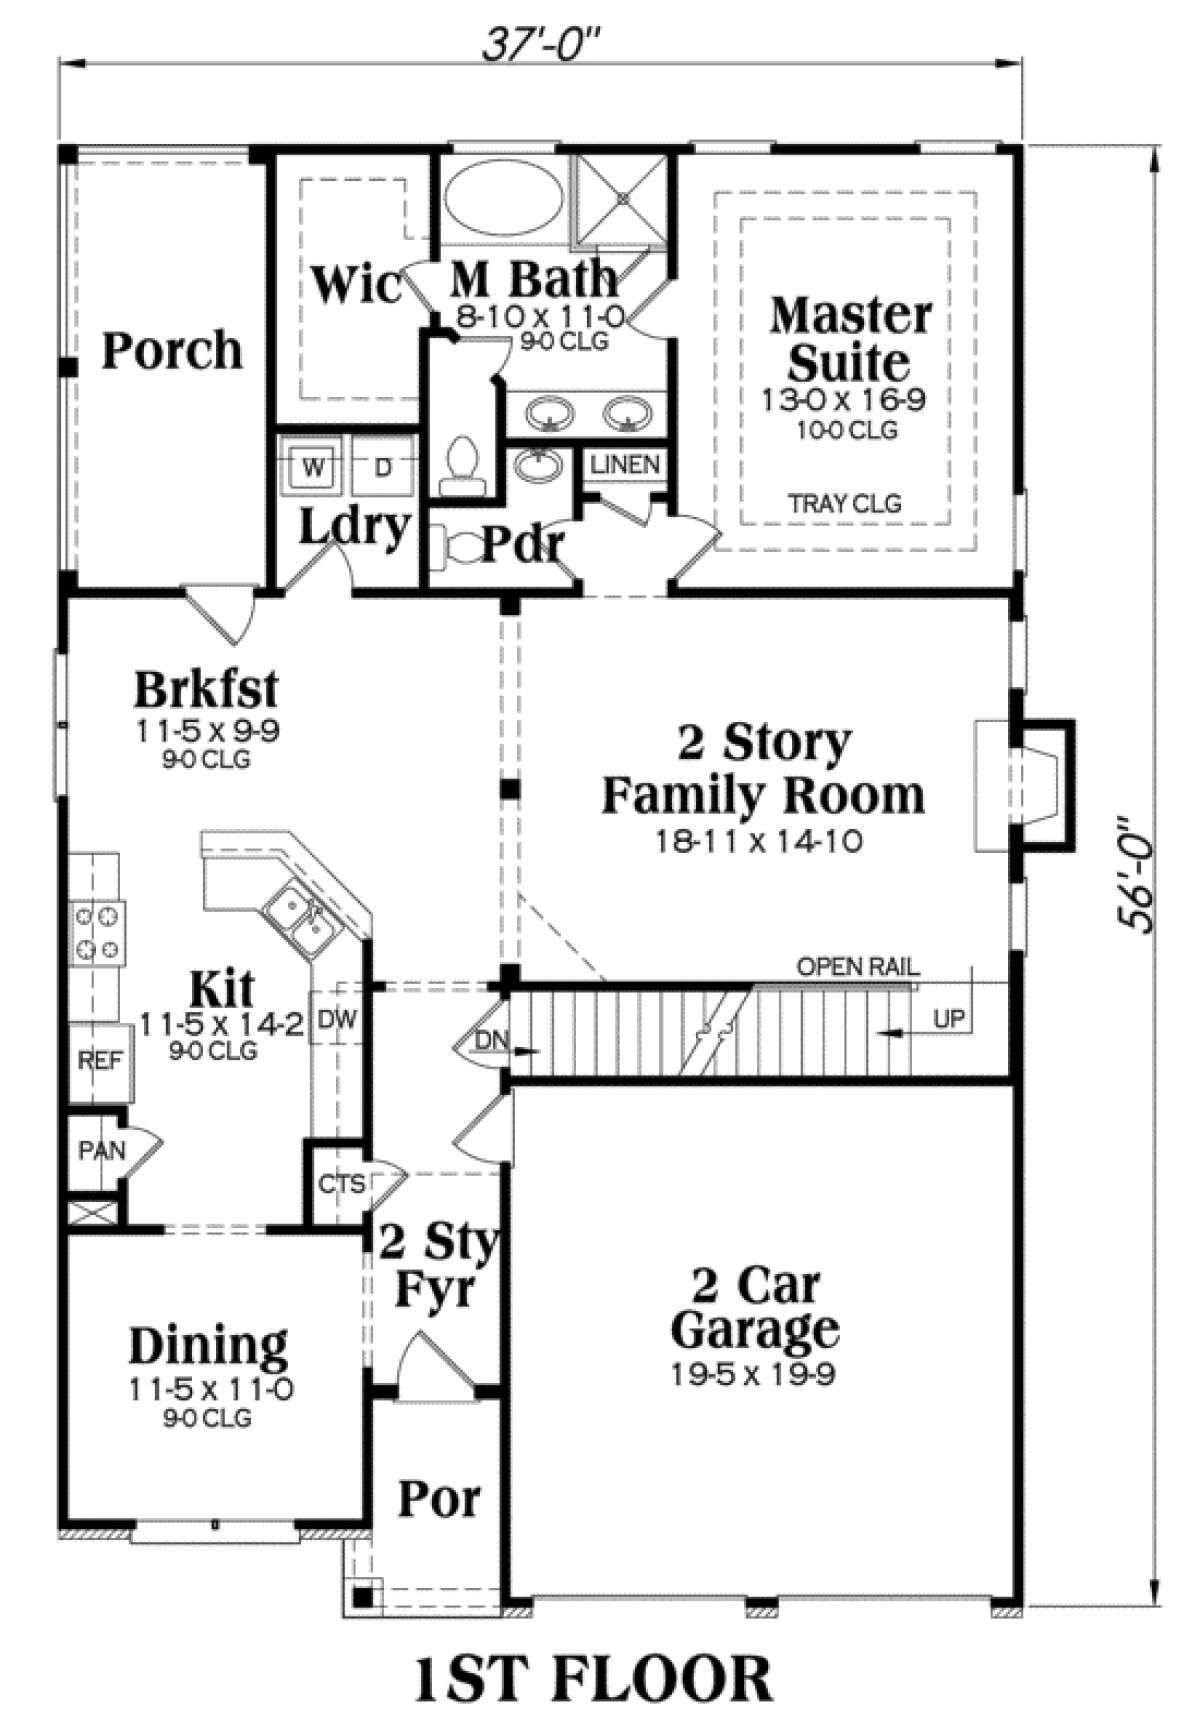 House Plan 00900017 Craftsman Plan 2,339 Square Feet